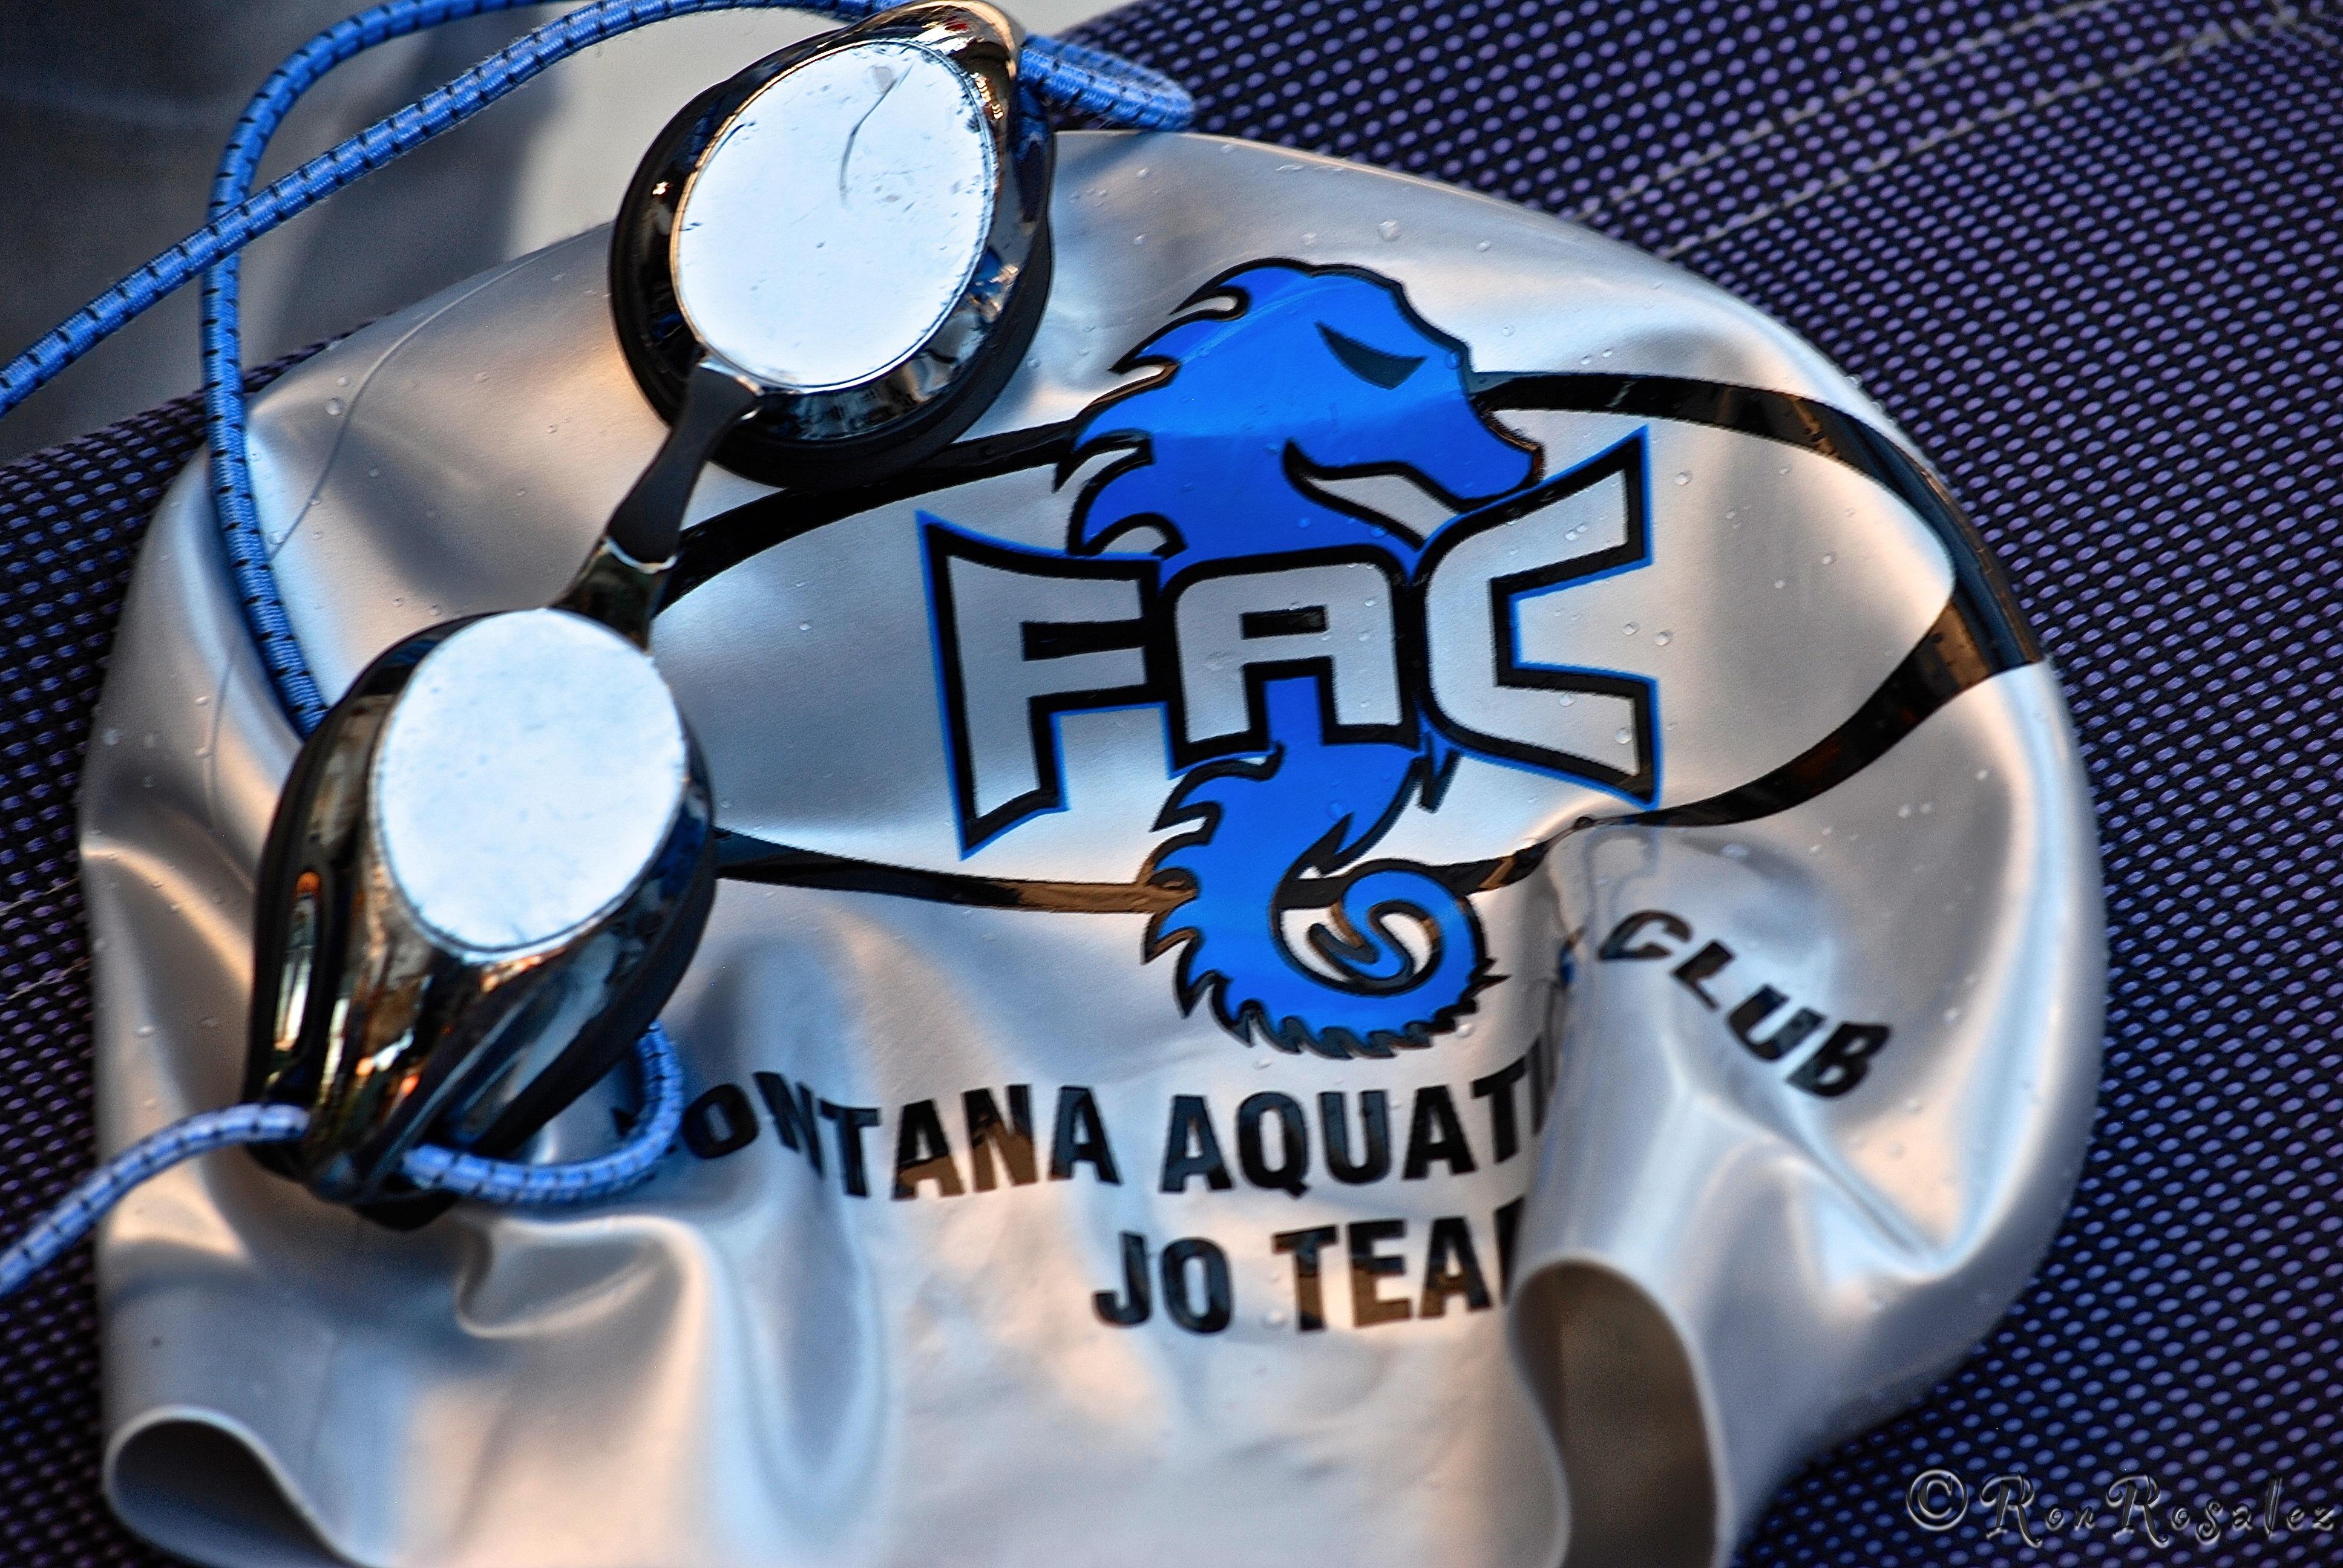 Fontana Aquatics Club